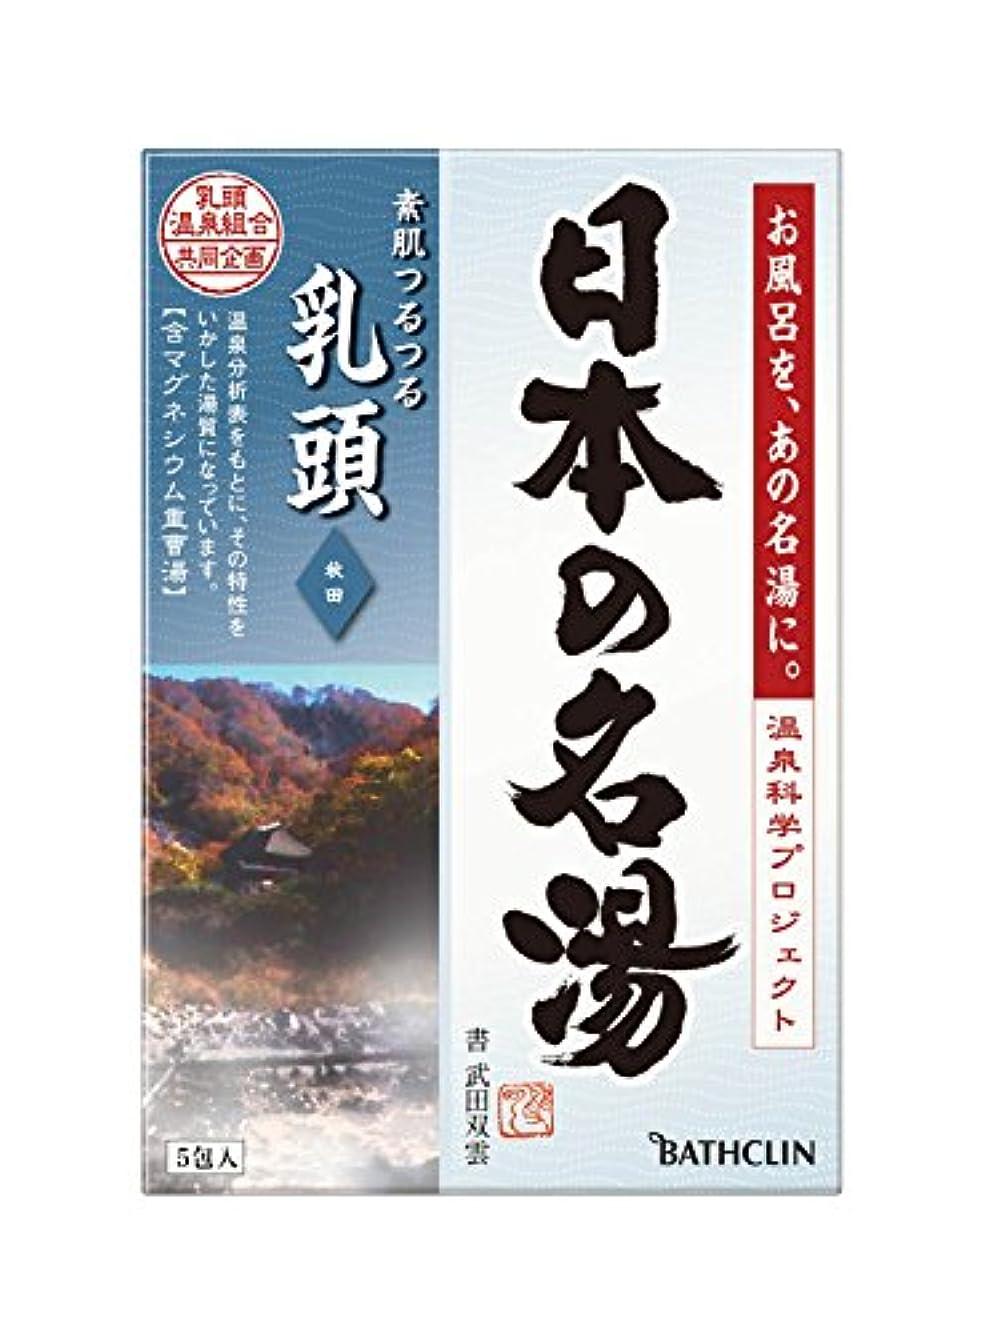 連合輝くラボ【医薬部外品】日本の名湯入浴剤 乳頭(秋田) 30g ×5包 にごりタイプ 個包装 温泉タイプ